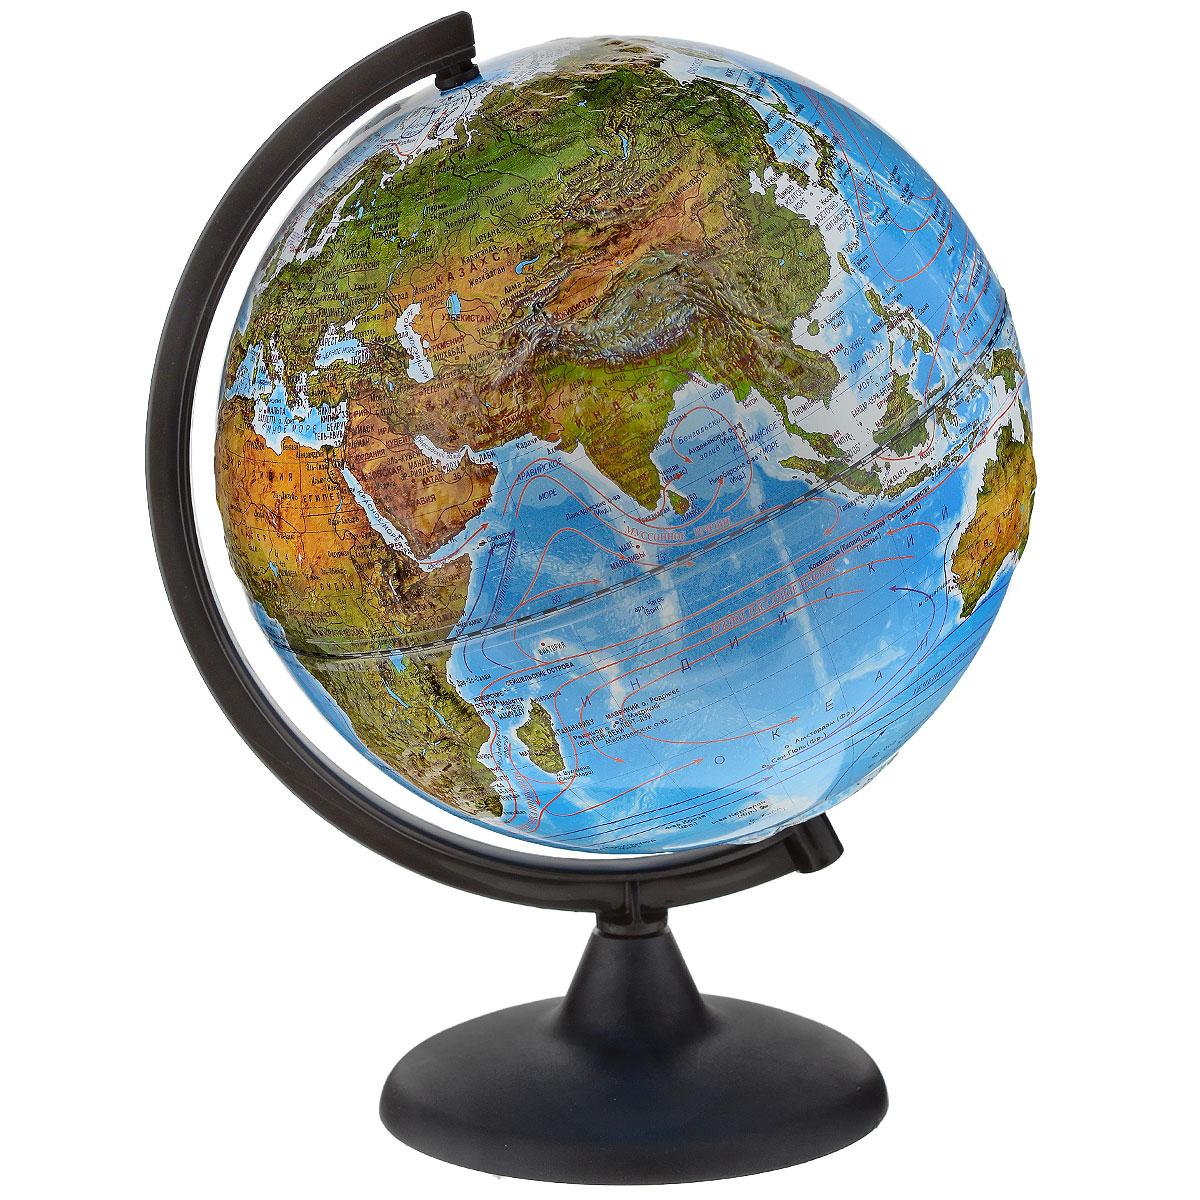 Глобусный мир Ландшафтный глобус, рельефный, диаметр 25 см10232Ландшафтный глобус Глобусный мир, изготовленный из высококачественного прочного пластика. Данная модель предназначена для ознакомления с особенностями ландшафта нашей планеты. Помимо этого ландшафтный глобус обладает приятной цветовой гаммой. Глобус дает представление о местоположении материков и океанов, на нем можно рассмотреть особенности ландшафта нашей планеты (рельефы местности, леса, горы, реки, моря, структуру дна океанов, рельеф суши), можно увидеть графическое изображение географических меридианов и параллелей, гидрографическая сеть, а также крупнейшие населенные пункты. На данной модели нанесены направления и названия водных течений. Модель имеет рельефную выпуклую поверхность, что, в свою очередь, делает глобус особенно интересным для детей младшего школьного и дошкольного возрастов. Изделие расположено на подставке. Названия стран на глобусе приведены на русской язык. Настольный ландшафтный глобус Глобусный мир станет оригинальным украшением...